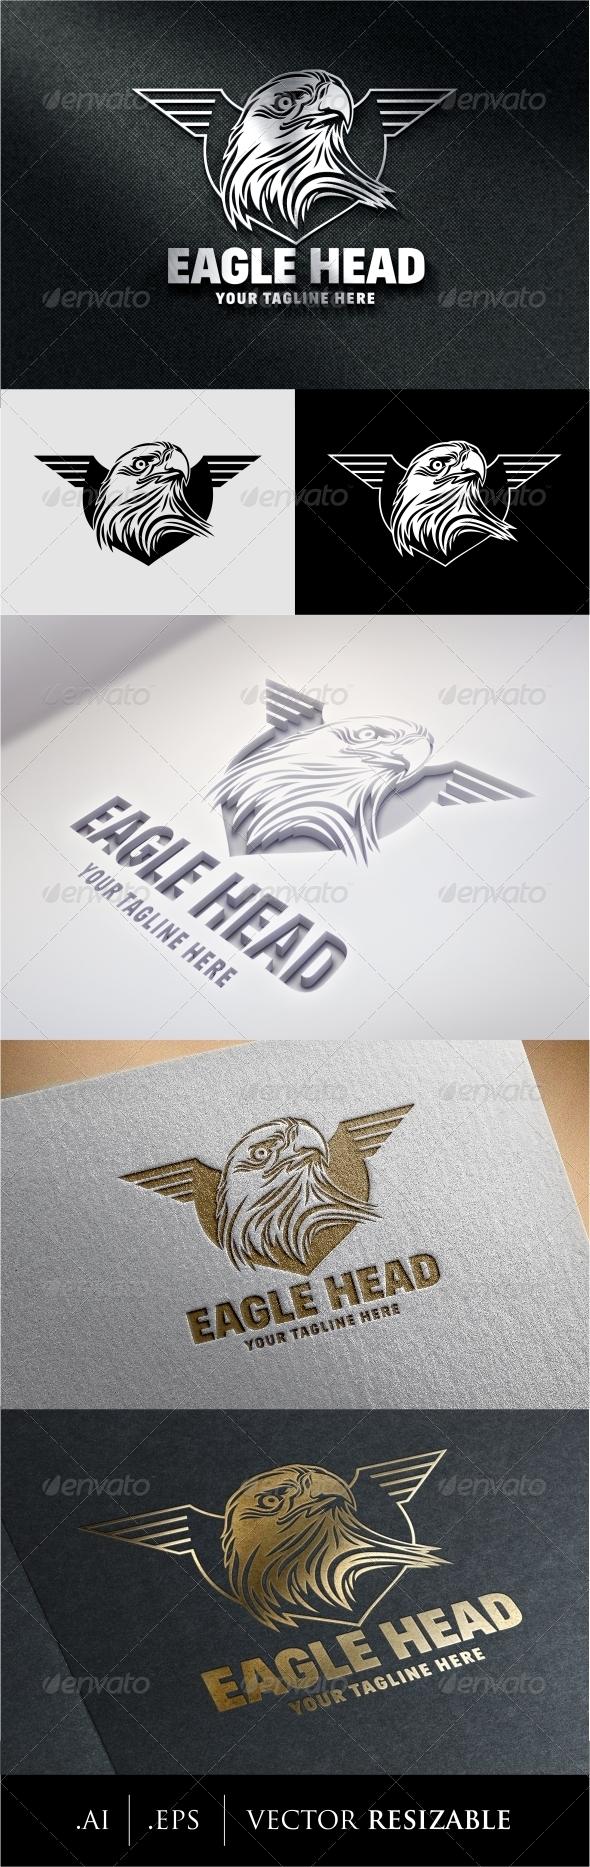 GraphicRiver Eagle Head Logo 8622491